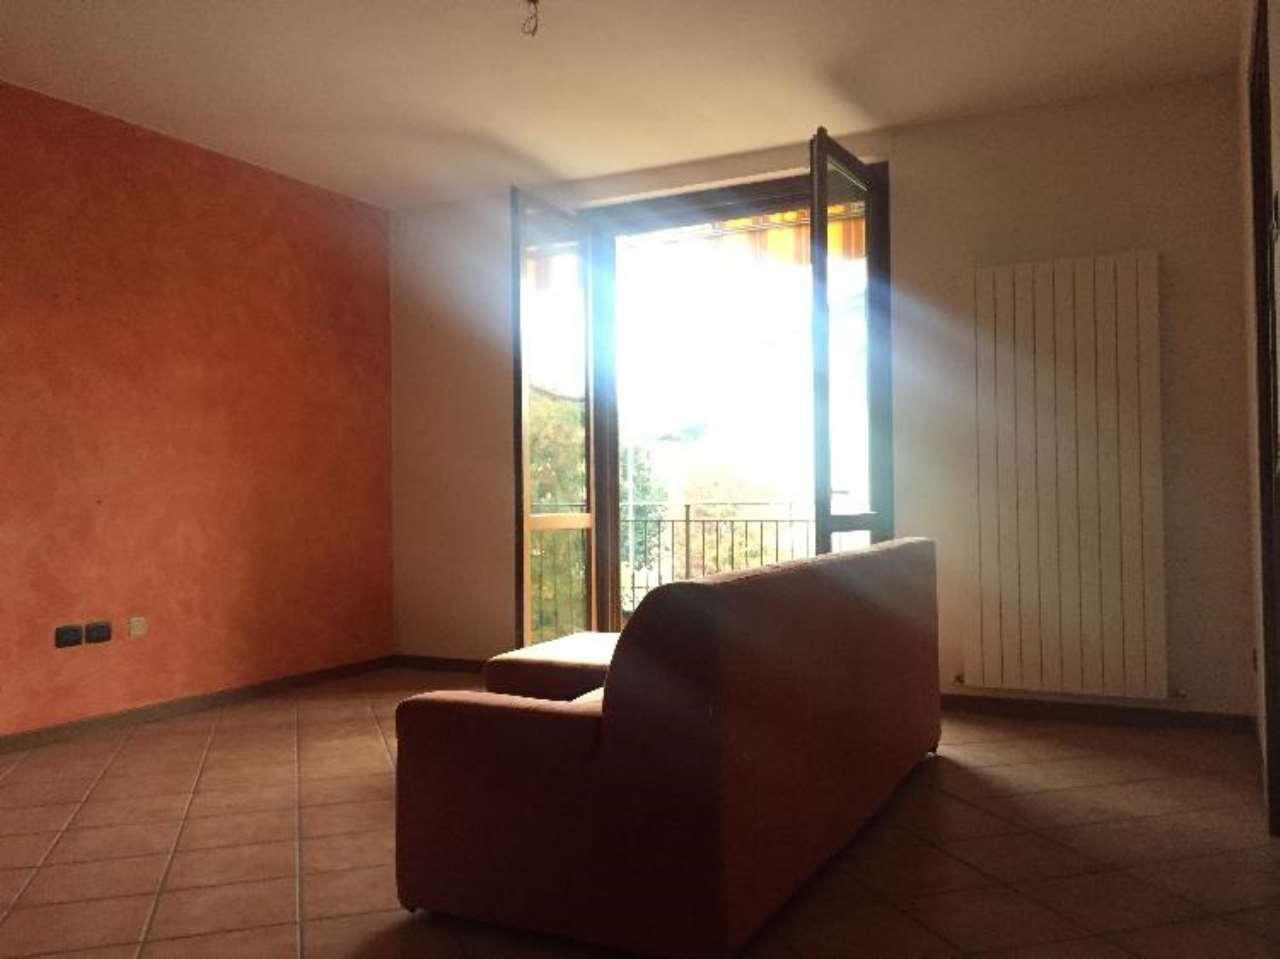 Appartamento in vendita a Gerre de' Caprioli, 3 locali, prezzo € 129.000 | CambioCasa.it